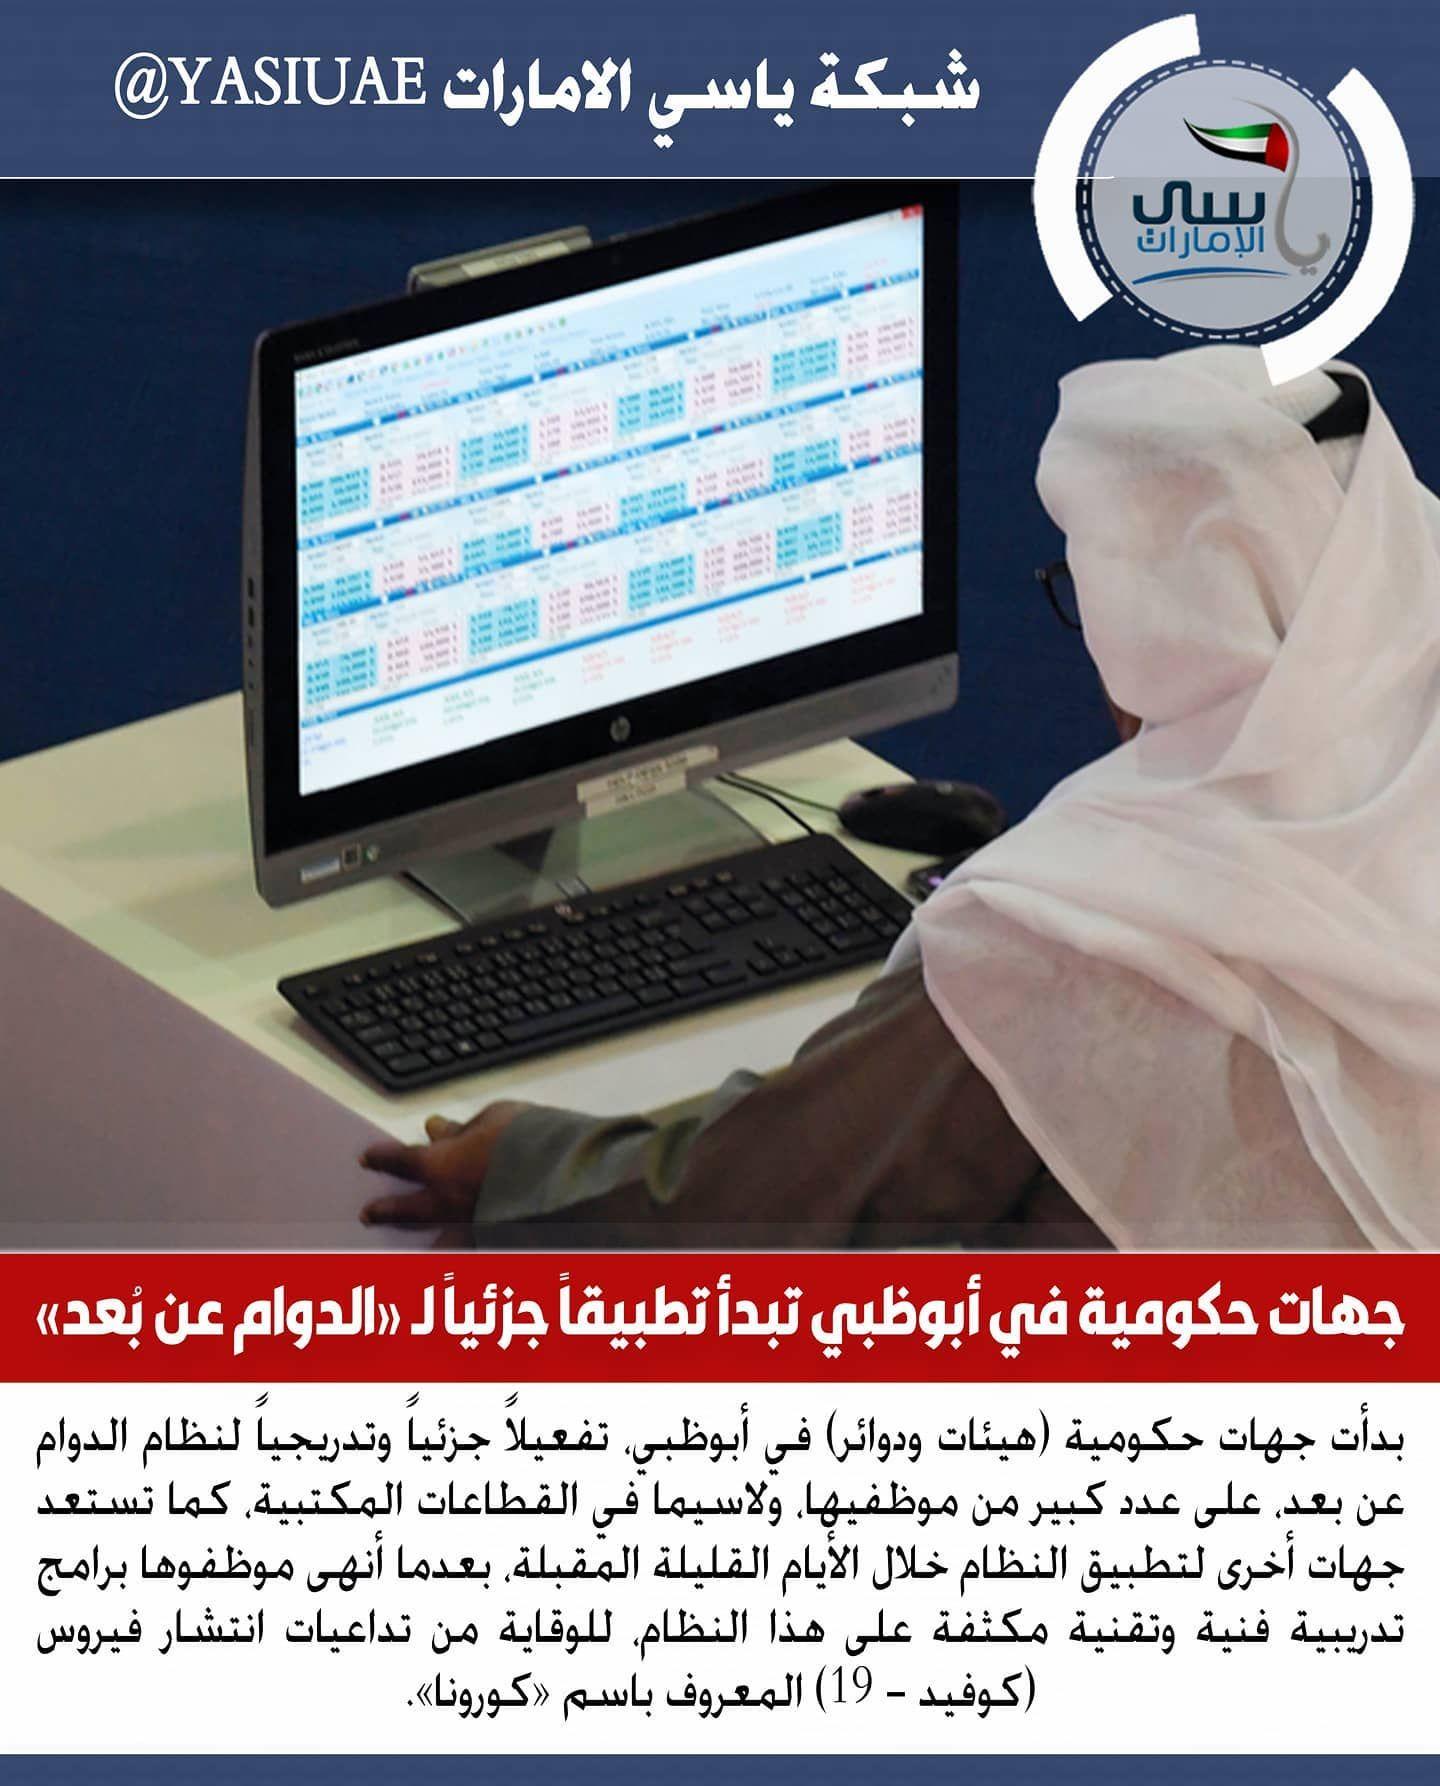 ياسي الامارات جهات حكومية في أبوظبي تبدأ تطبيقا جزئيا لـ الدوام عن ب عد شبكة ياسي الامارات شبكة ياسي الامارات ا Computer Monitor Electronics Computer